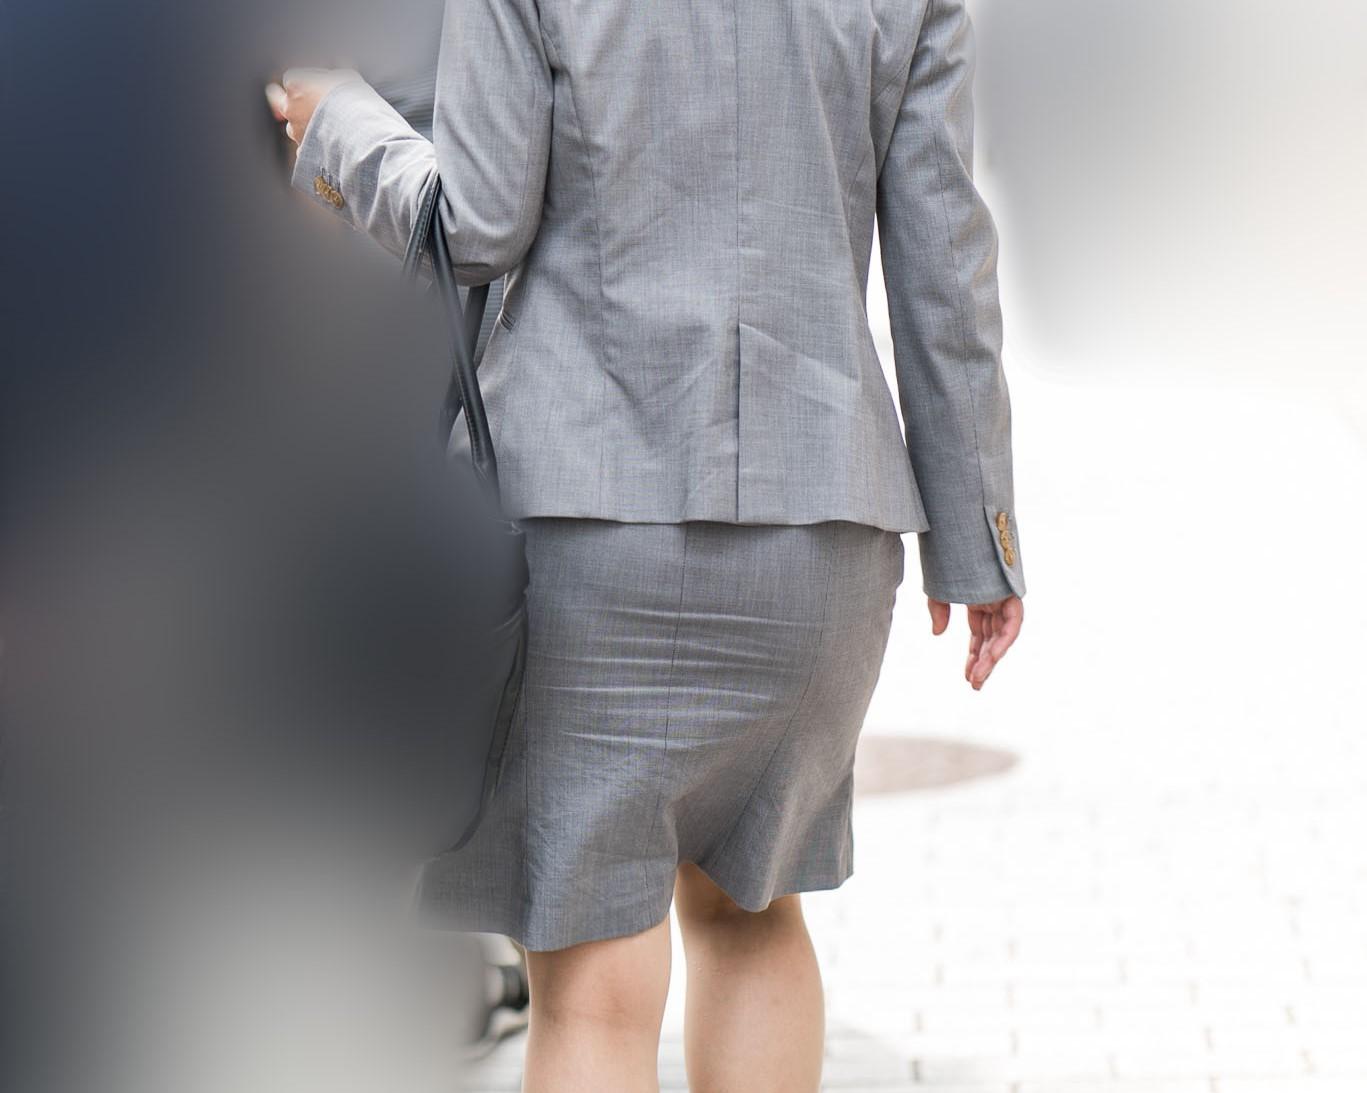 タイスカナチュストOLさん!グレーのスーツに薄っすらパンティライン!